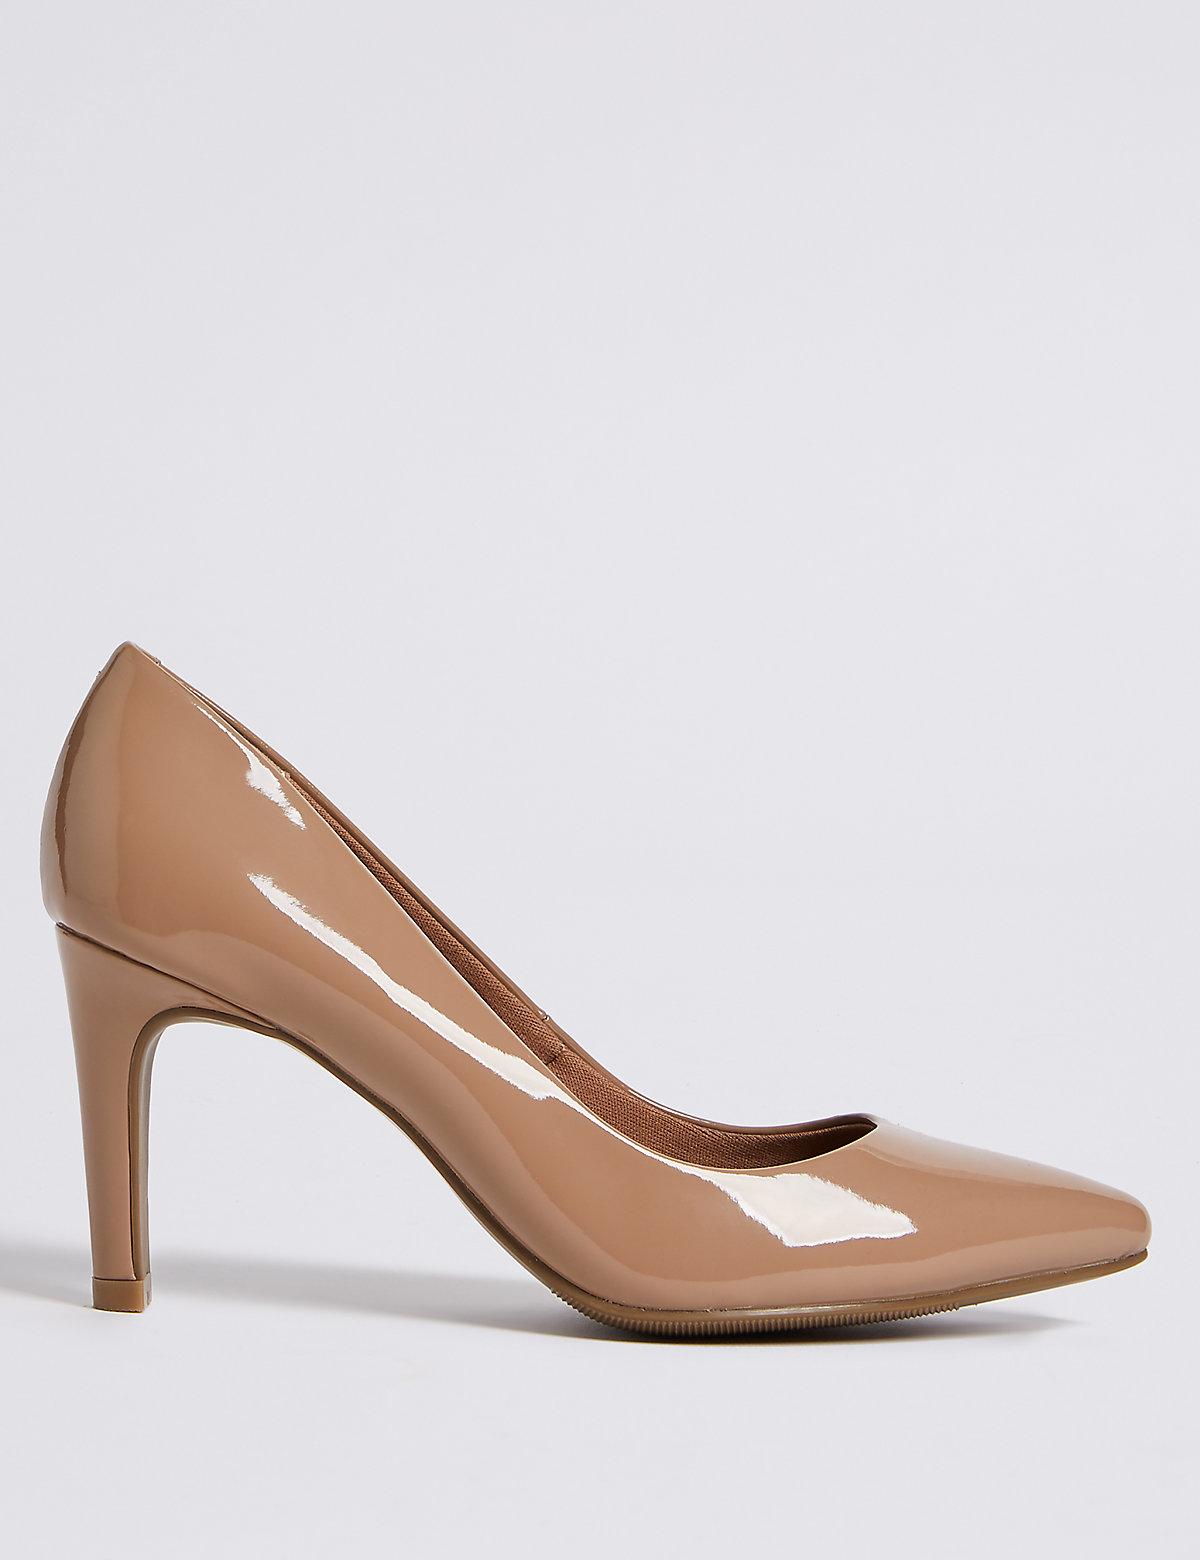 Туфли-лодочки лакированные, на невысоком каблуке, бежевые